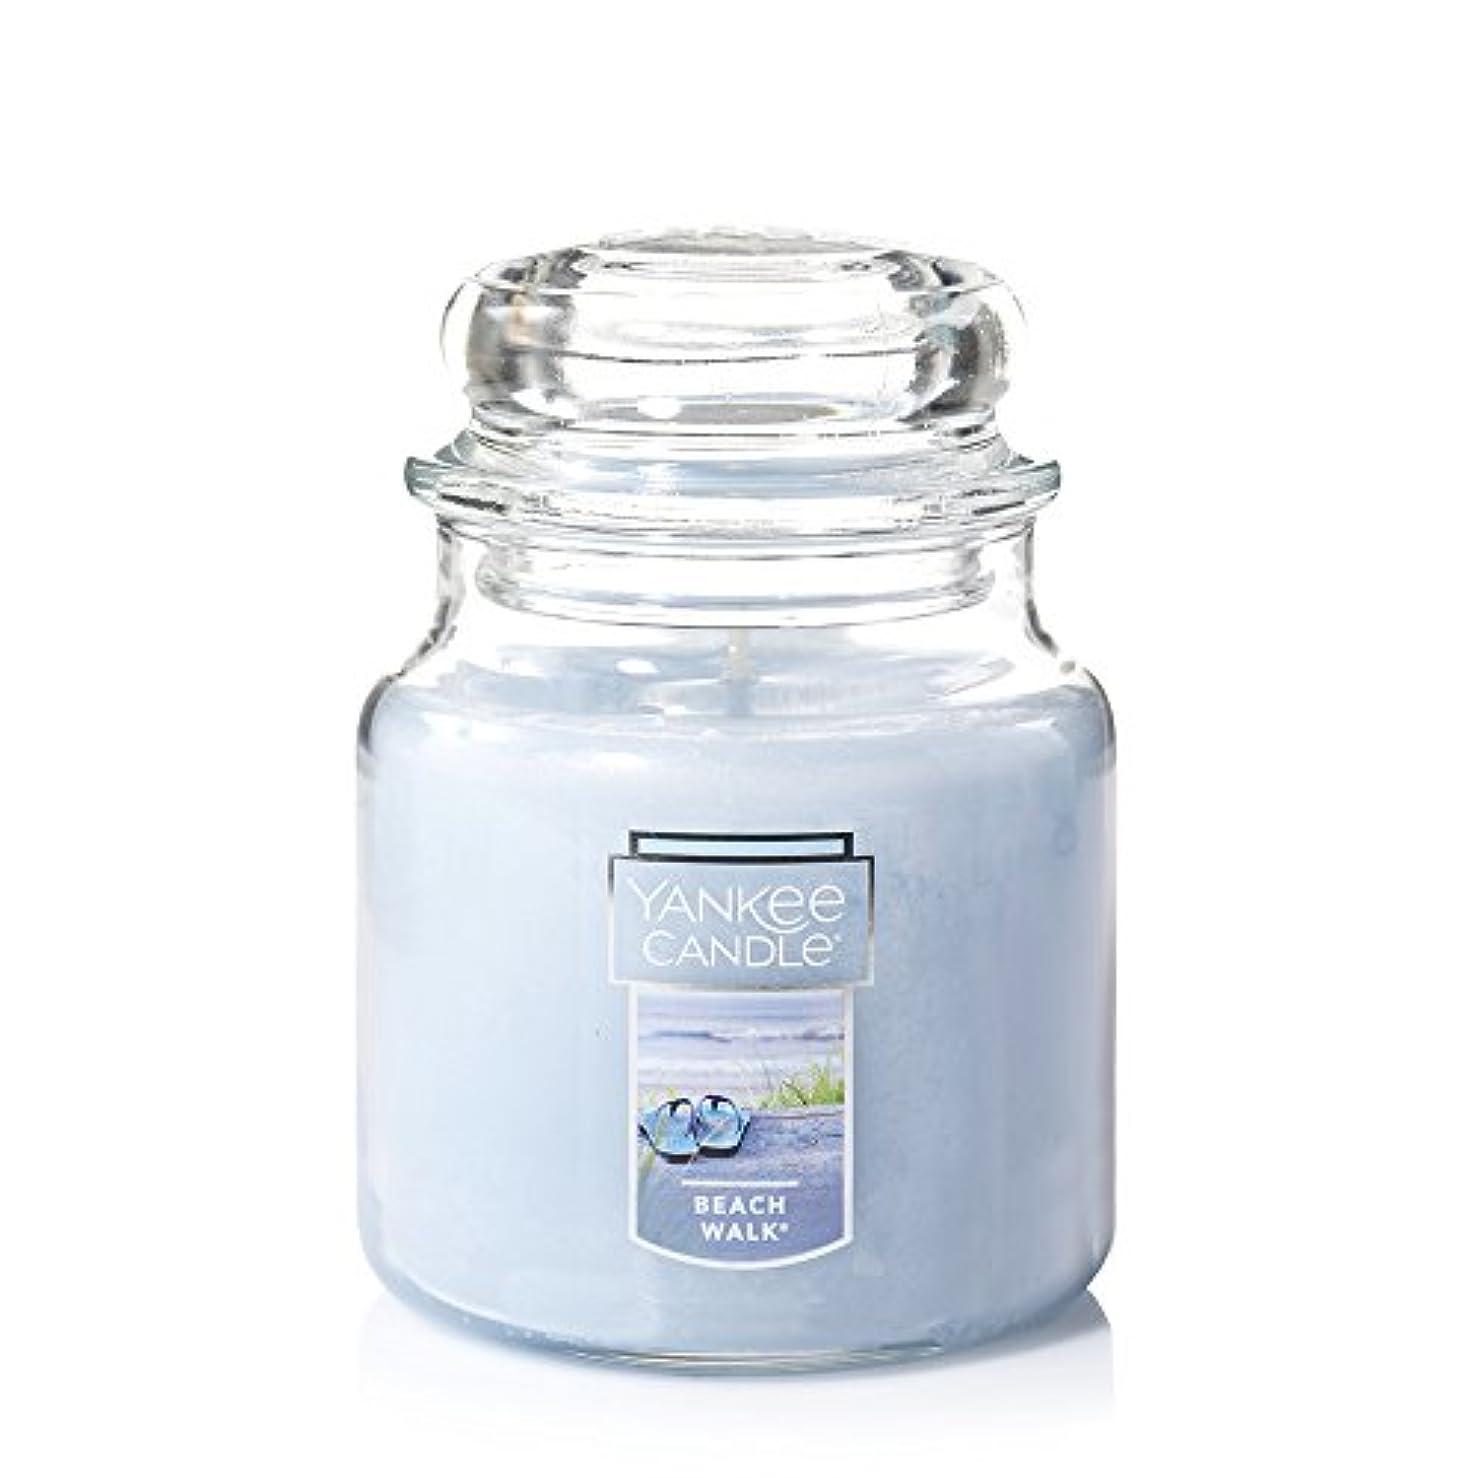 顧問勝利知覚するYankee Candle Beach Walk Large Jar 22oz Candle Small Jar Candles ブルー 1129793